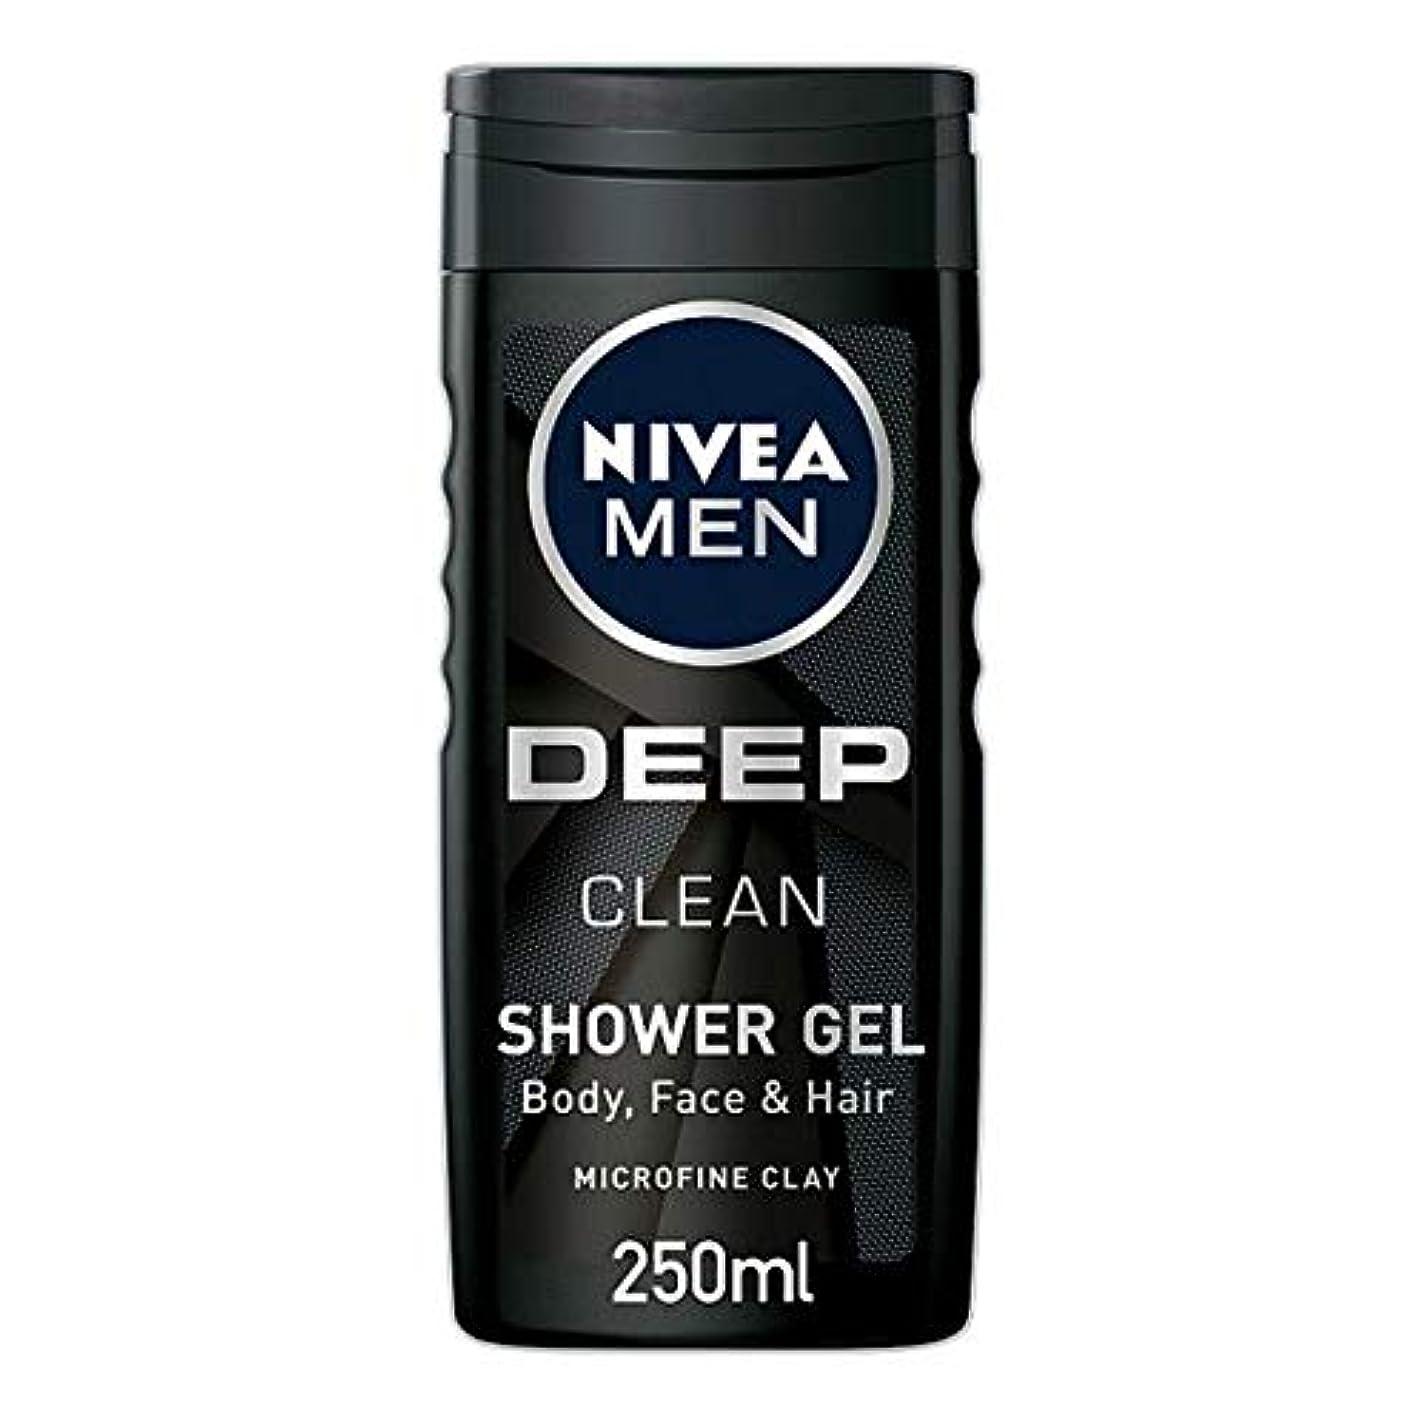 禁止するシリングタンク[Nivea] ニベア男性用シャワージェル深いきれいな250ミリリットル - Nivea Men Shower Gel Deep Clean 250Ml [並行輸入品]